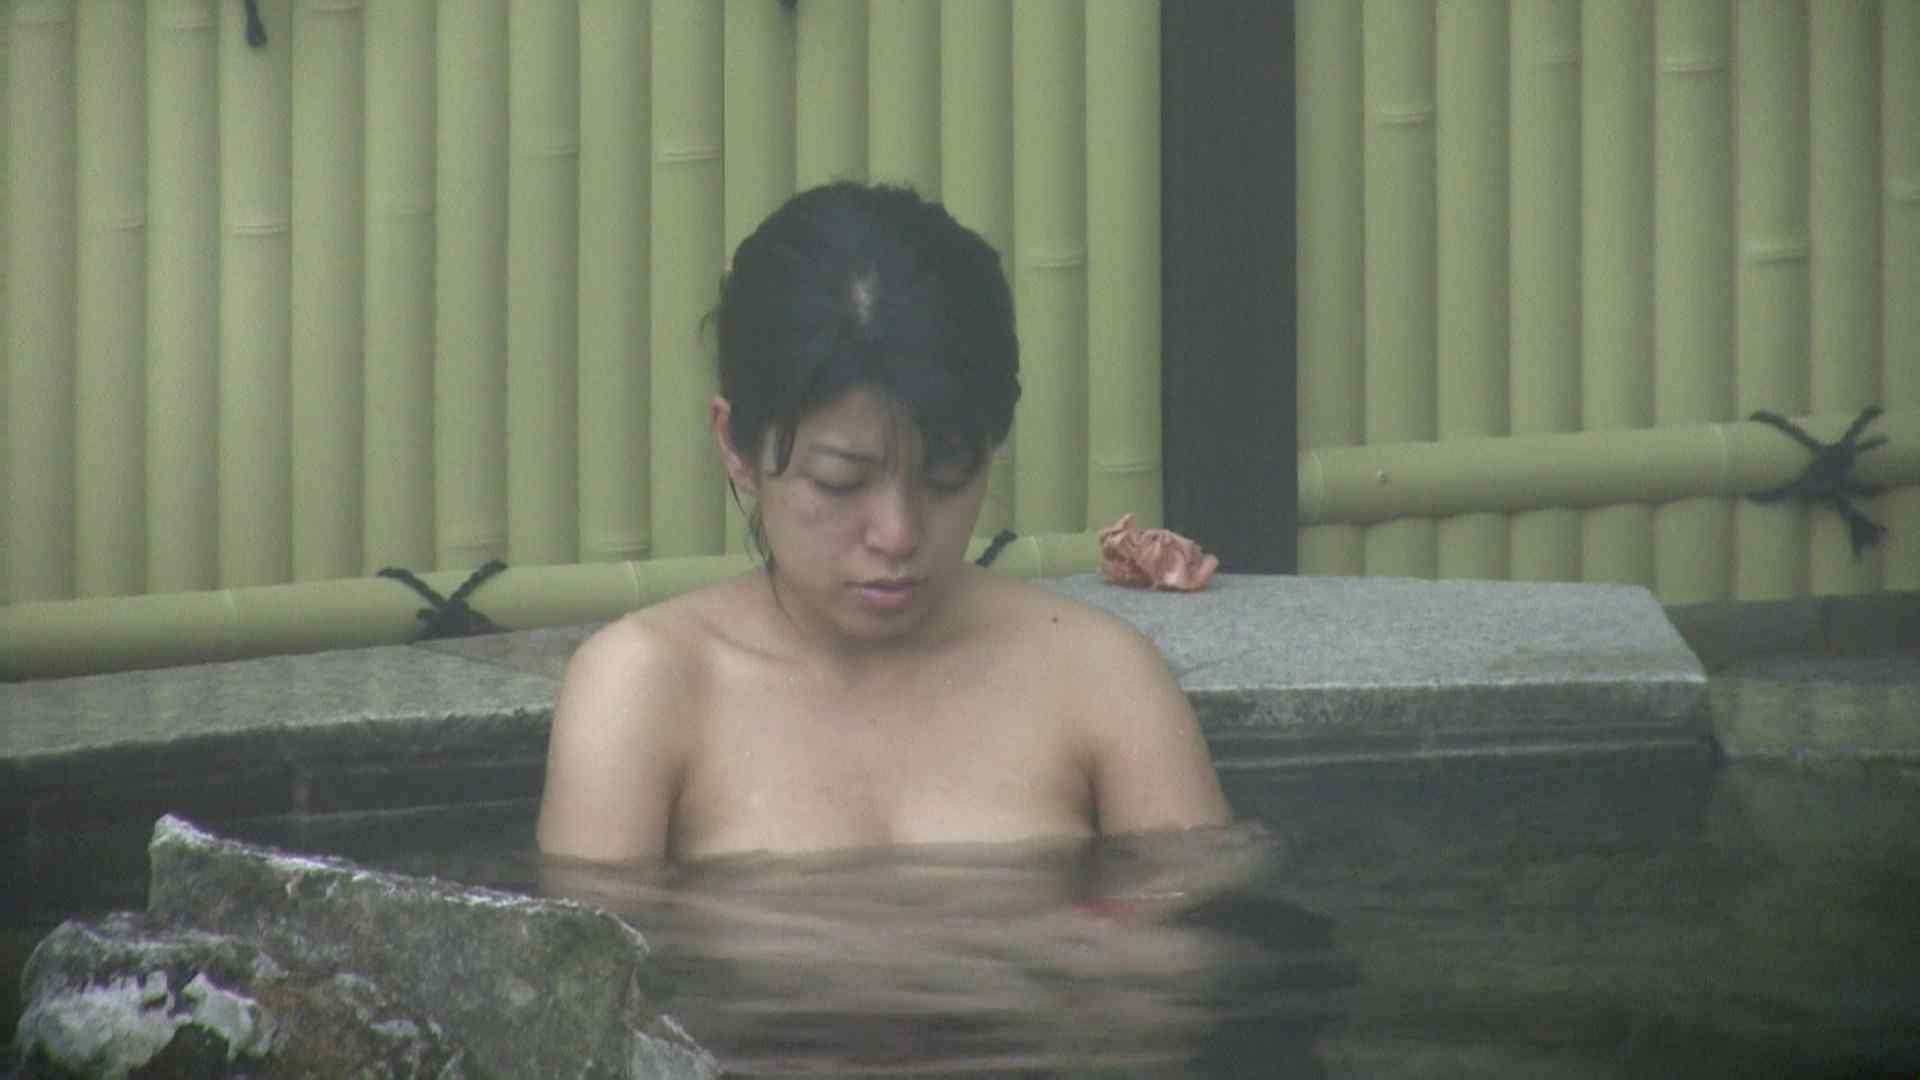 Aquaな露天風呂Vol.585 盗撮  78PICs 72